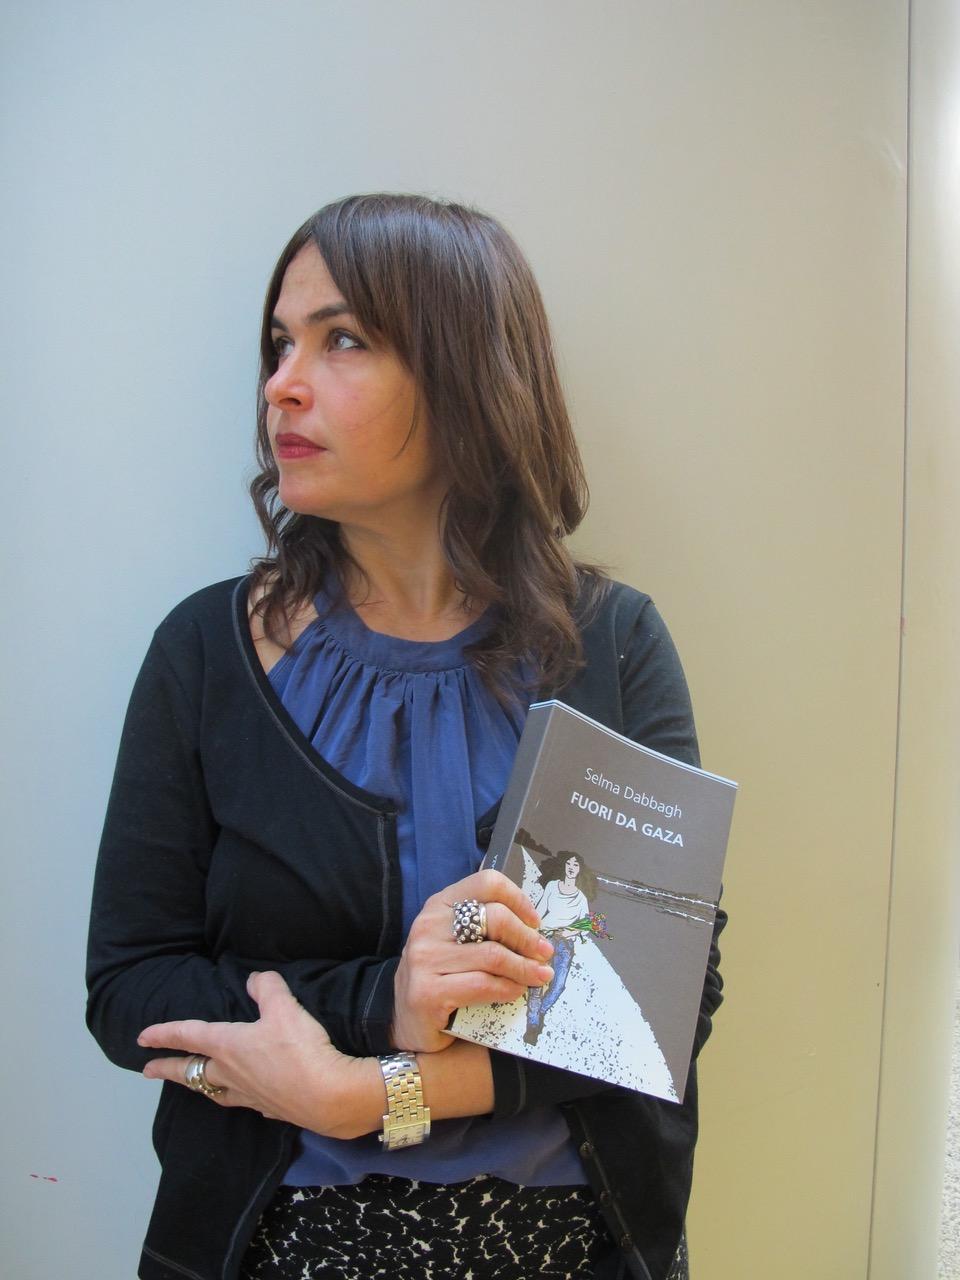 """Selma Dabbagh, autrice di """"Fuori da Gaza"""", sarà in Italia dal 24 al 27 novembre"""